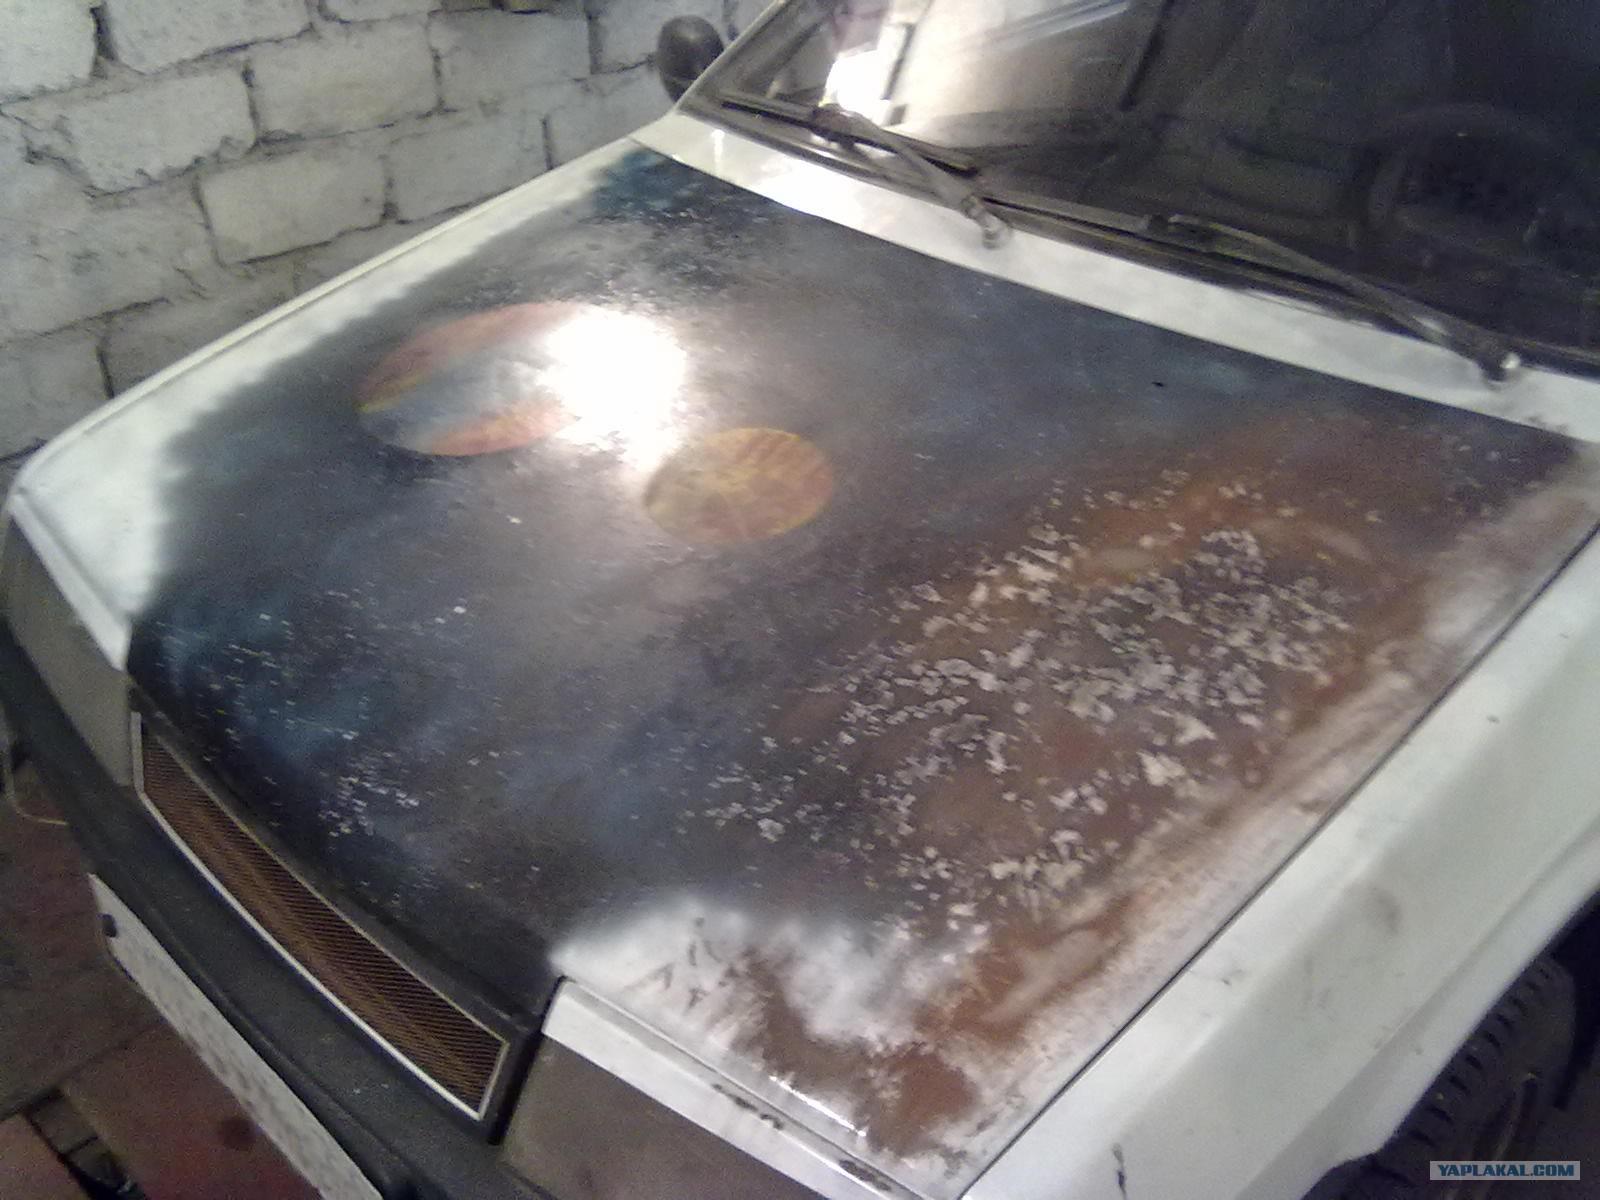 Покраска капота автомобиля своими руками фото и видео